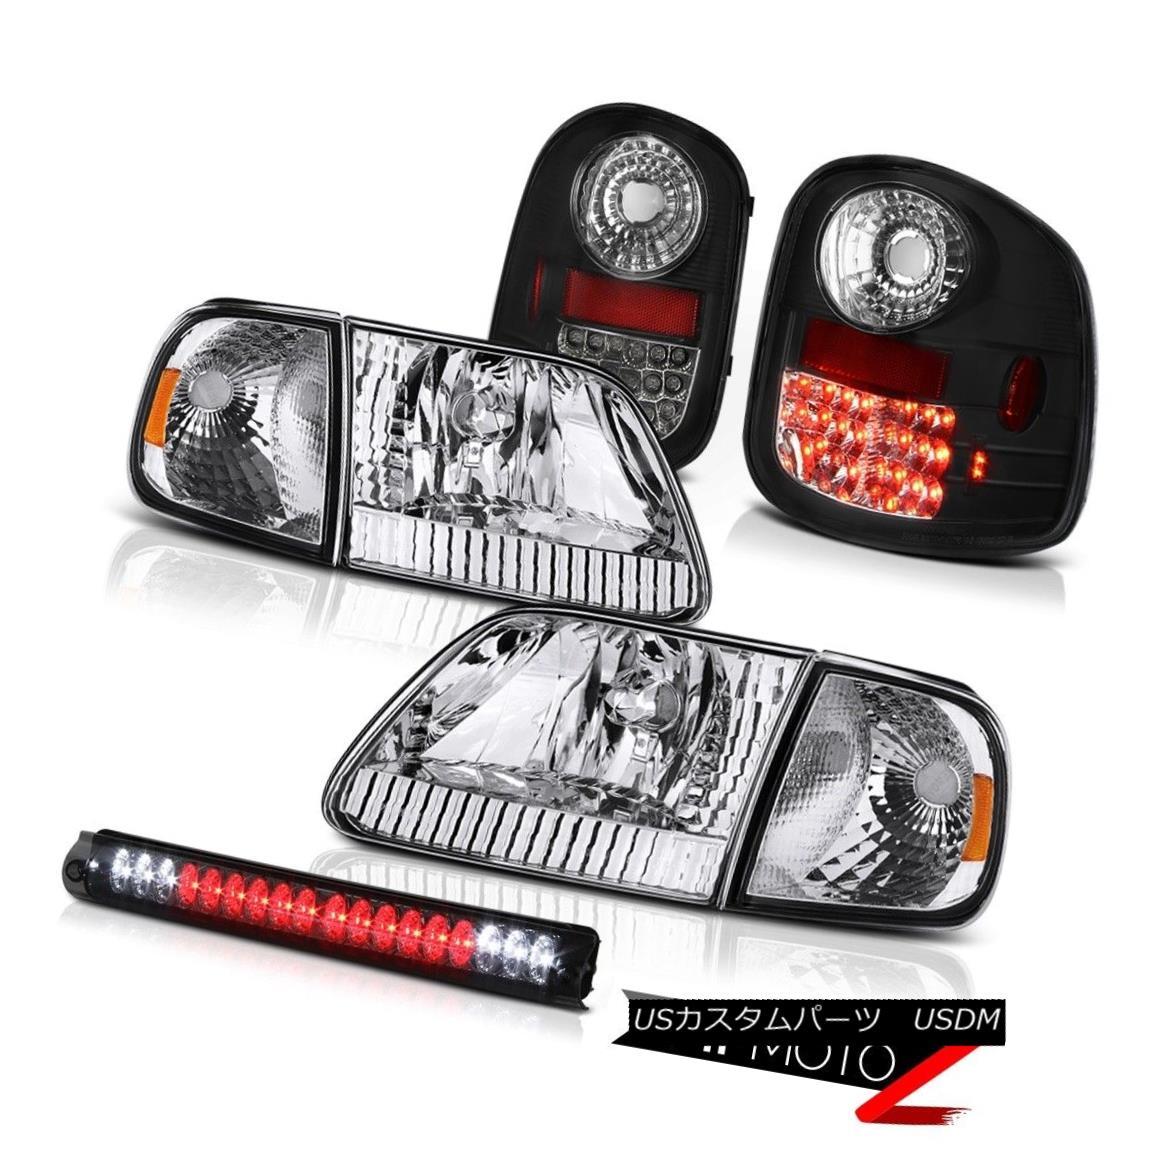 テールライト Headlights Corner Black Brake Tail Lights High Cargo LED 97-03 F150 Flareside XL ヘッドライトコーナーブラックブレーキテールライトハイカーゴLED 97-03 F150 Flareside XL